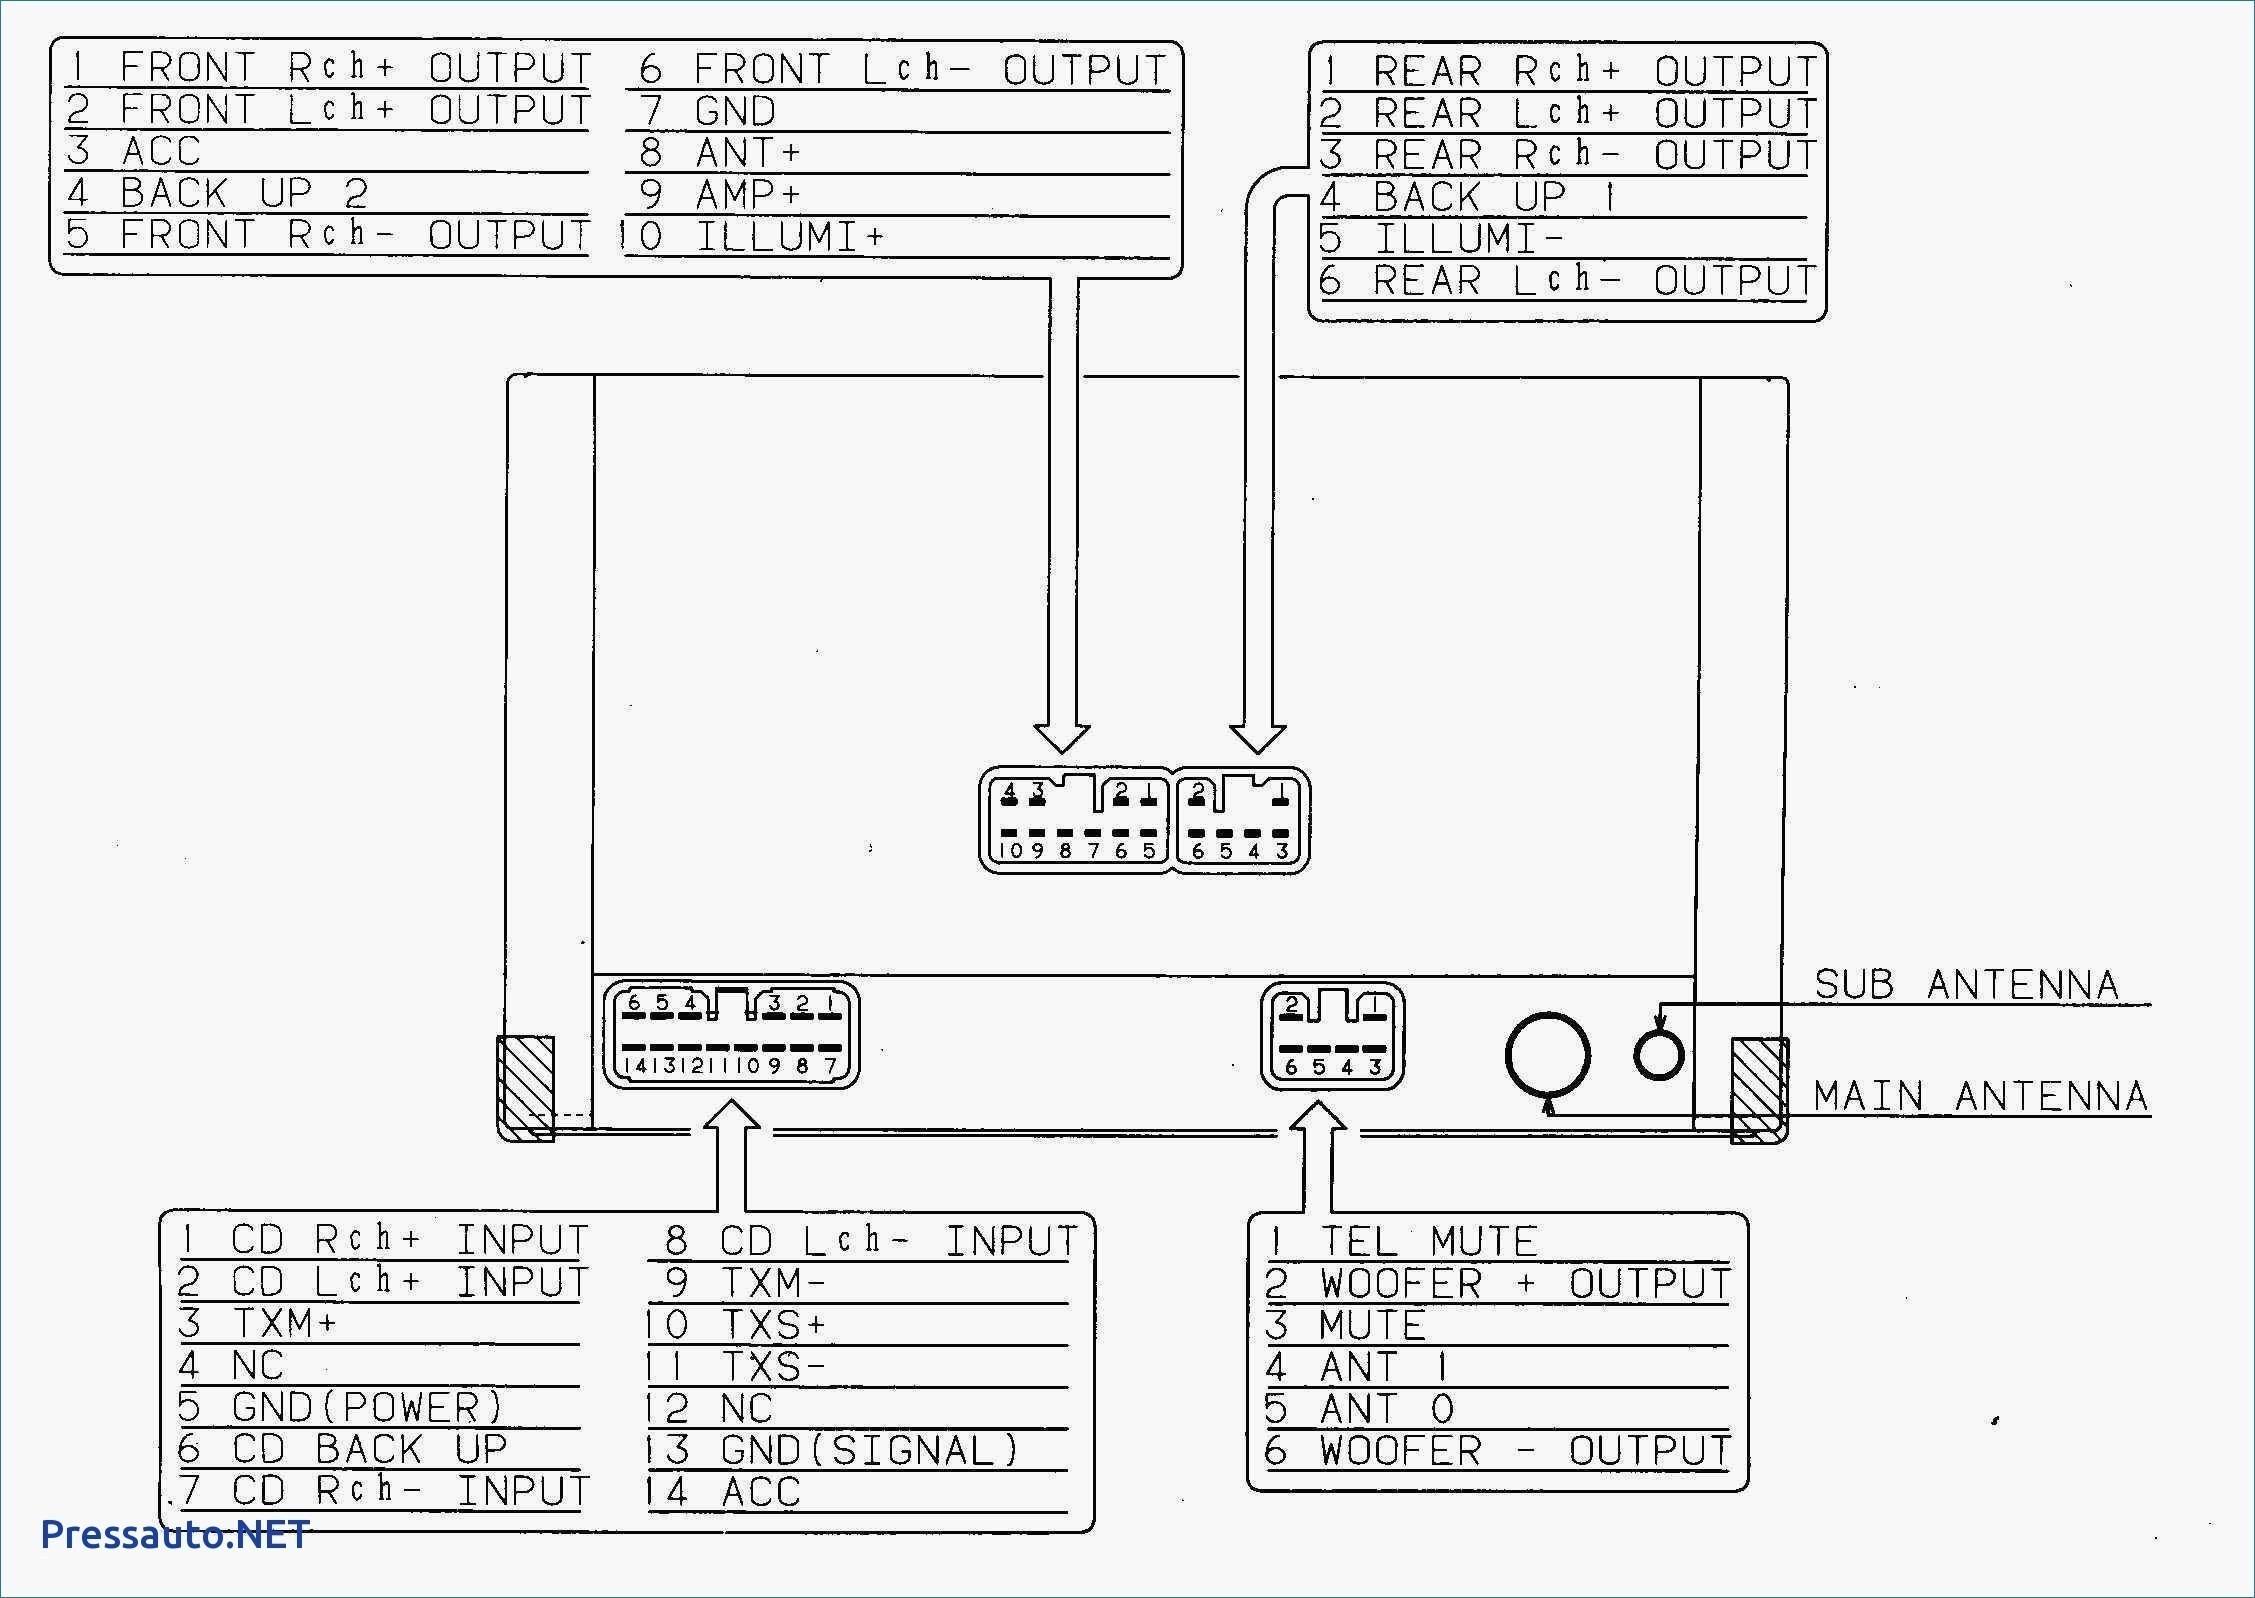 mz_2170] pyle radio wiring diagram moreover chevy colorado radio ... pyle speaker wiring diagram  unbe.venet.mohammedshrine.org